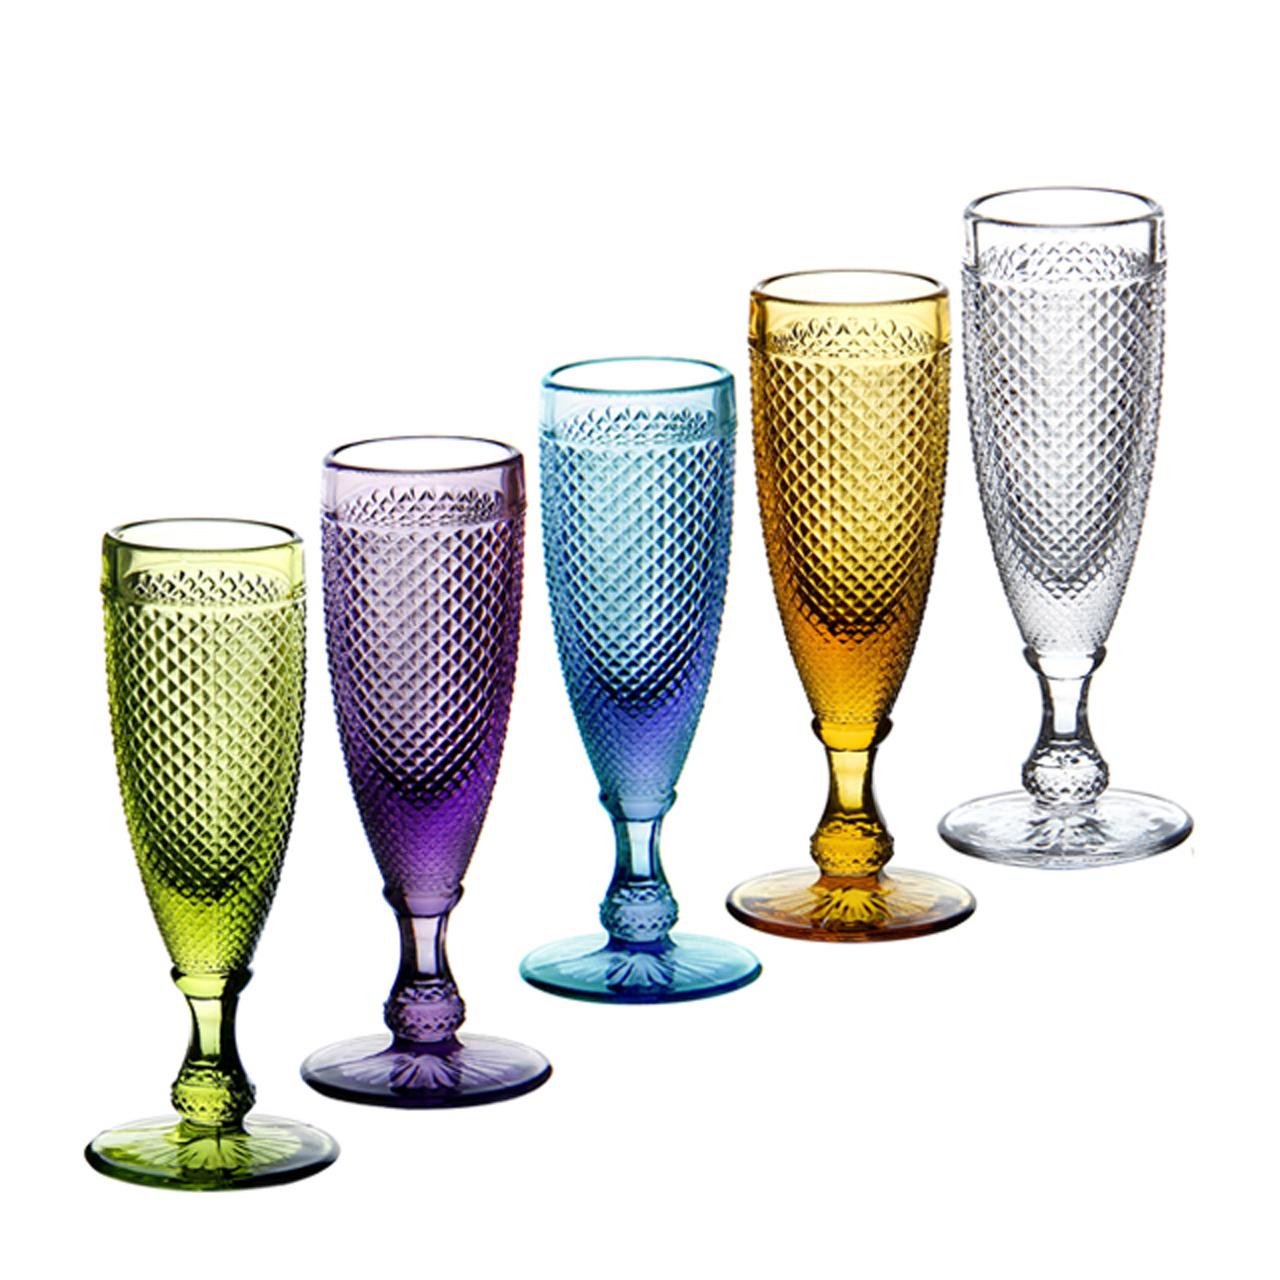 复古红酒杯套装欧式香槟杯创意高脚杯家用彩色玻璃小